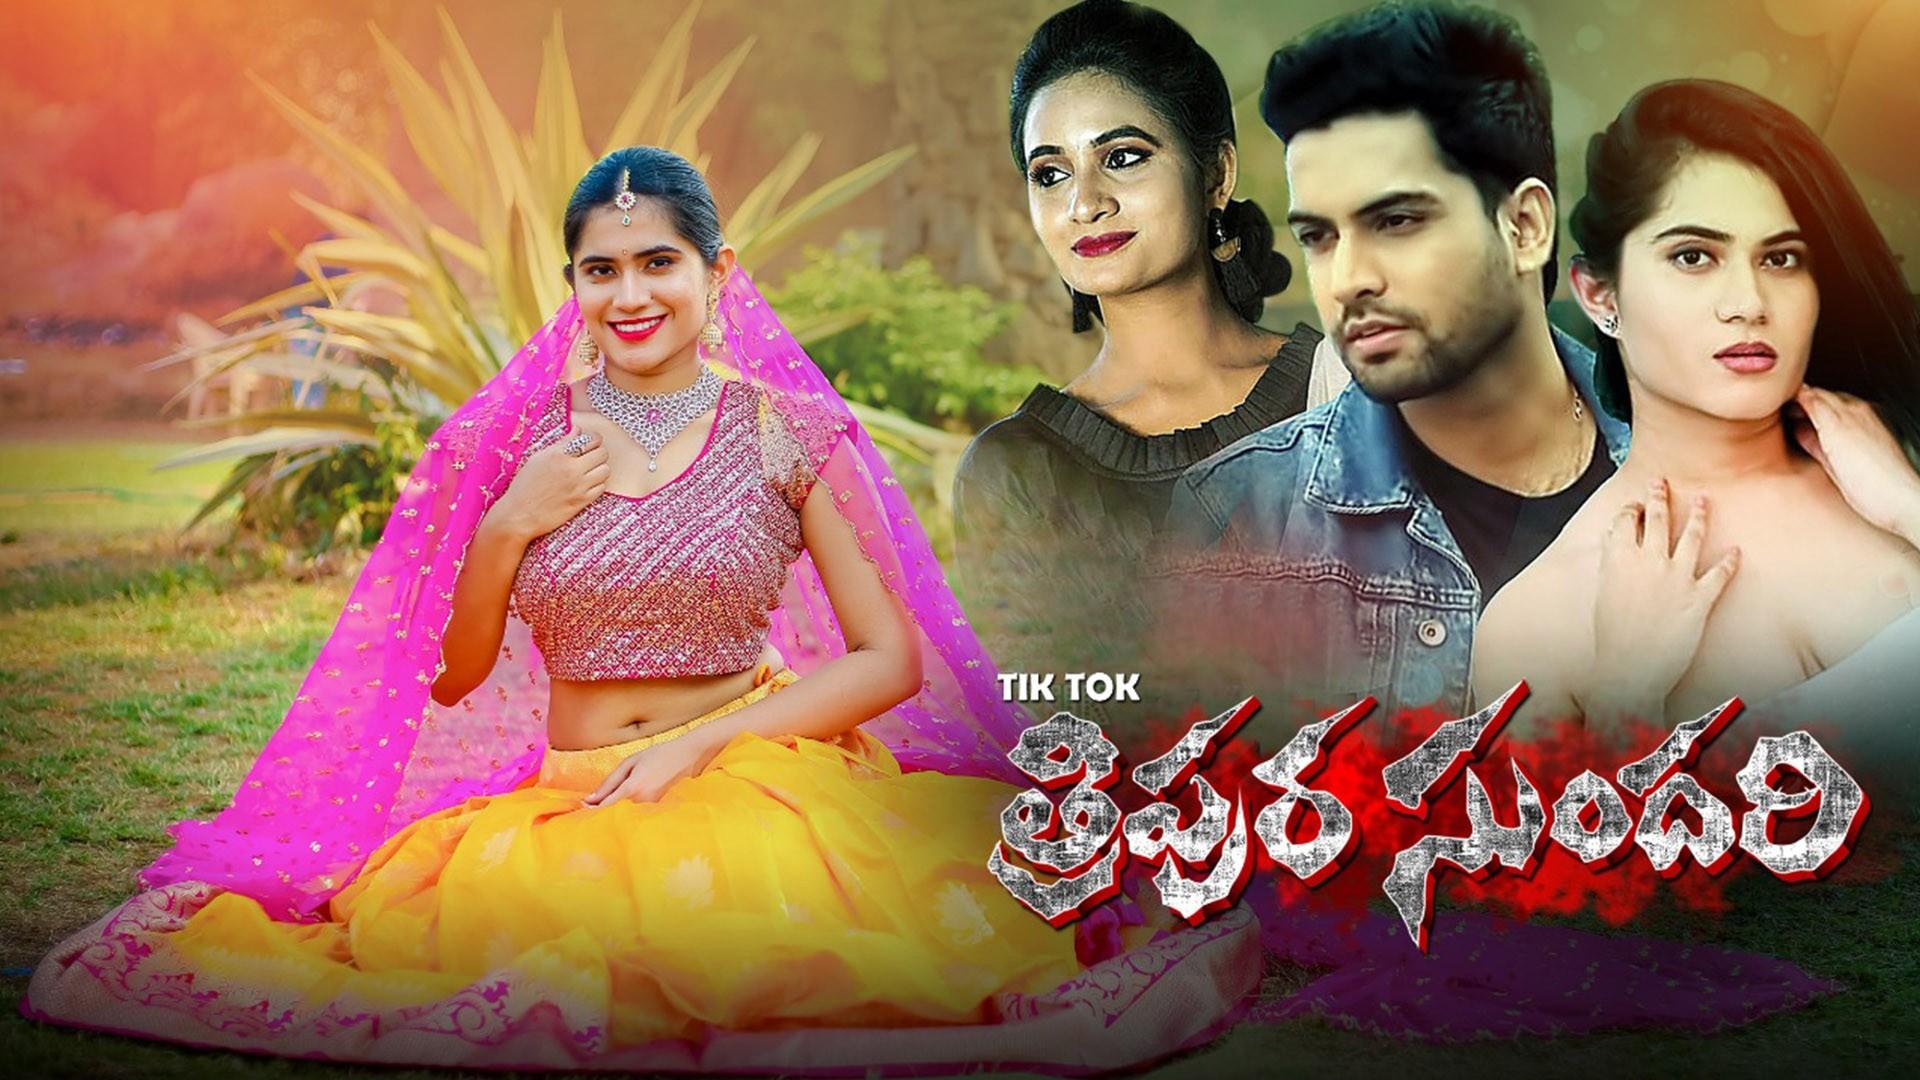 Tik Tok Tripura Sundari 2021 Telugu 480p HDRip ESub 350MB Download